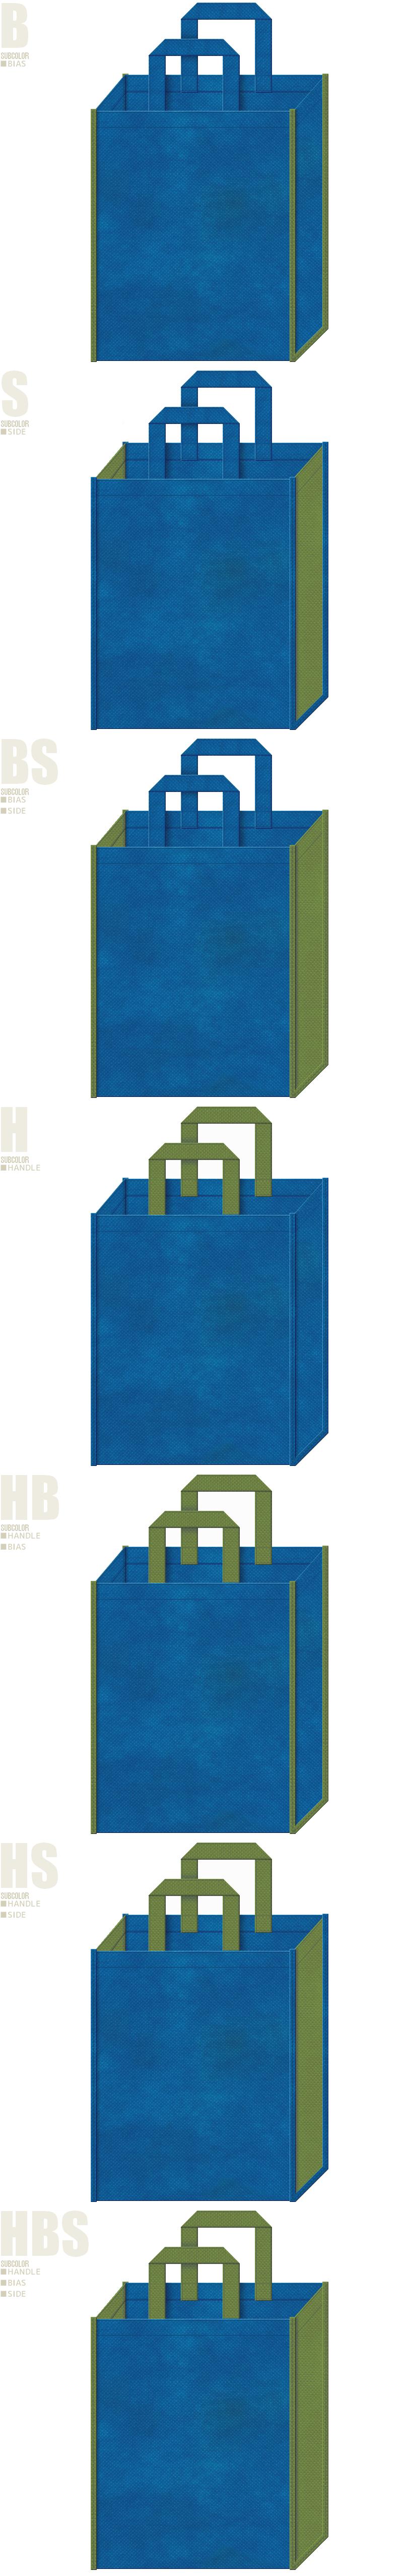 不織布バッグのデザイン:青色と草色の配色7パターン